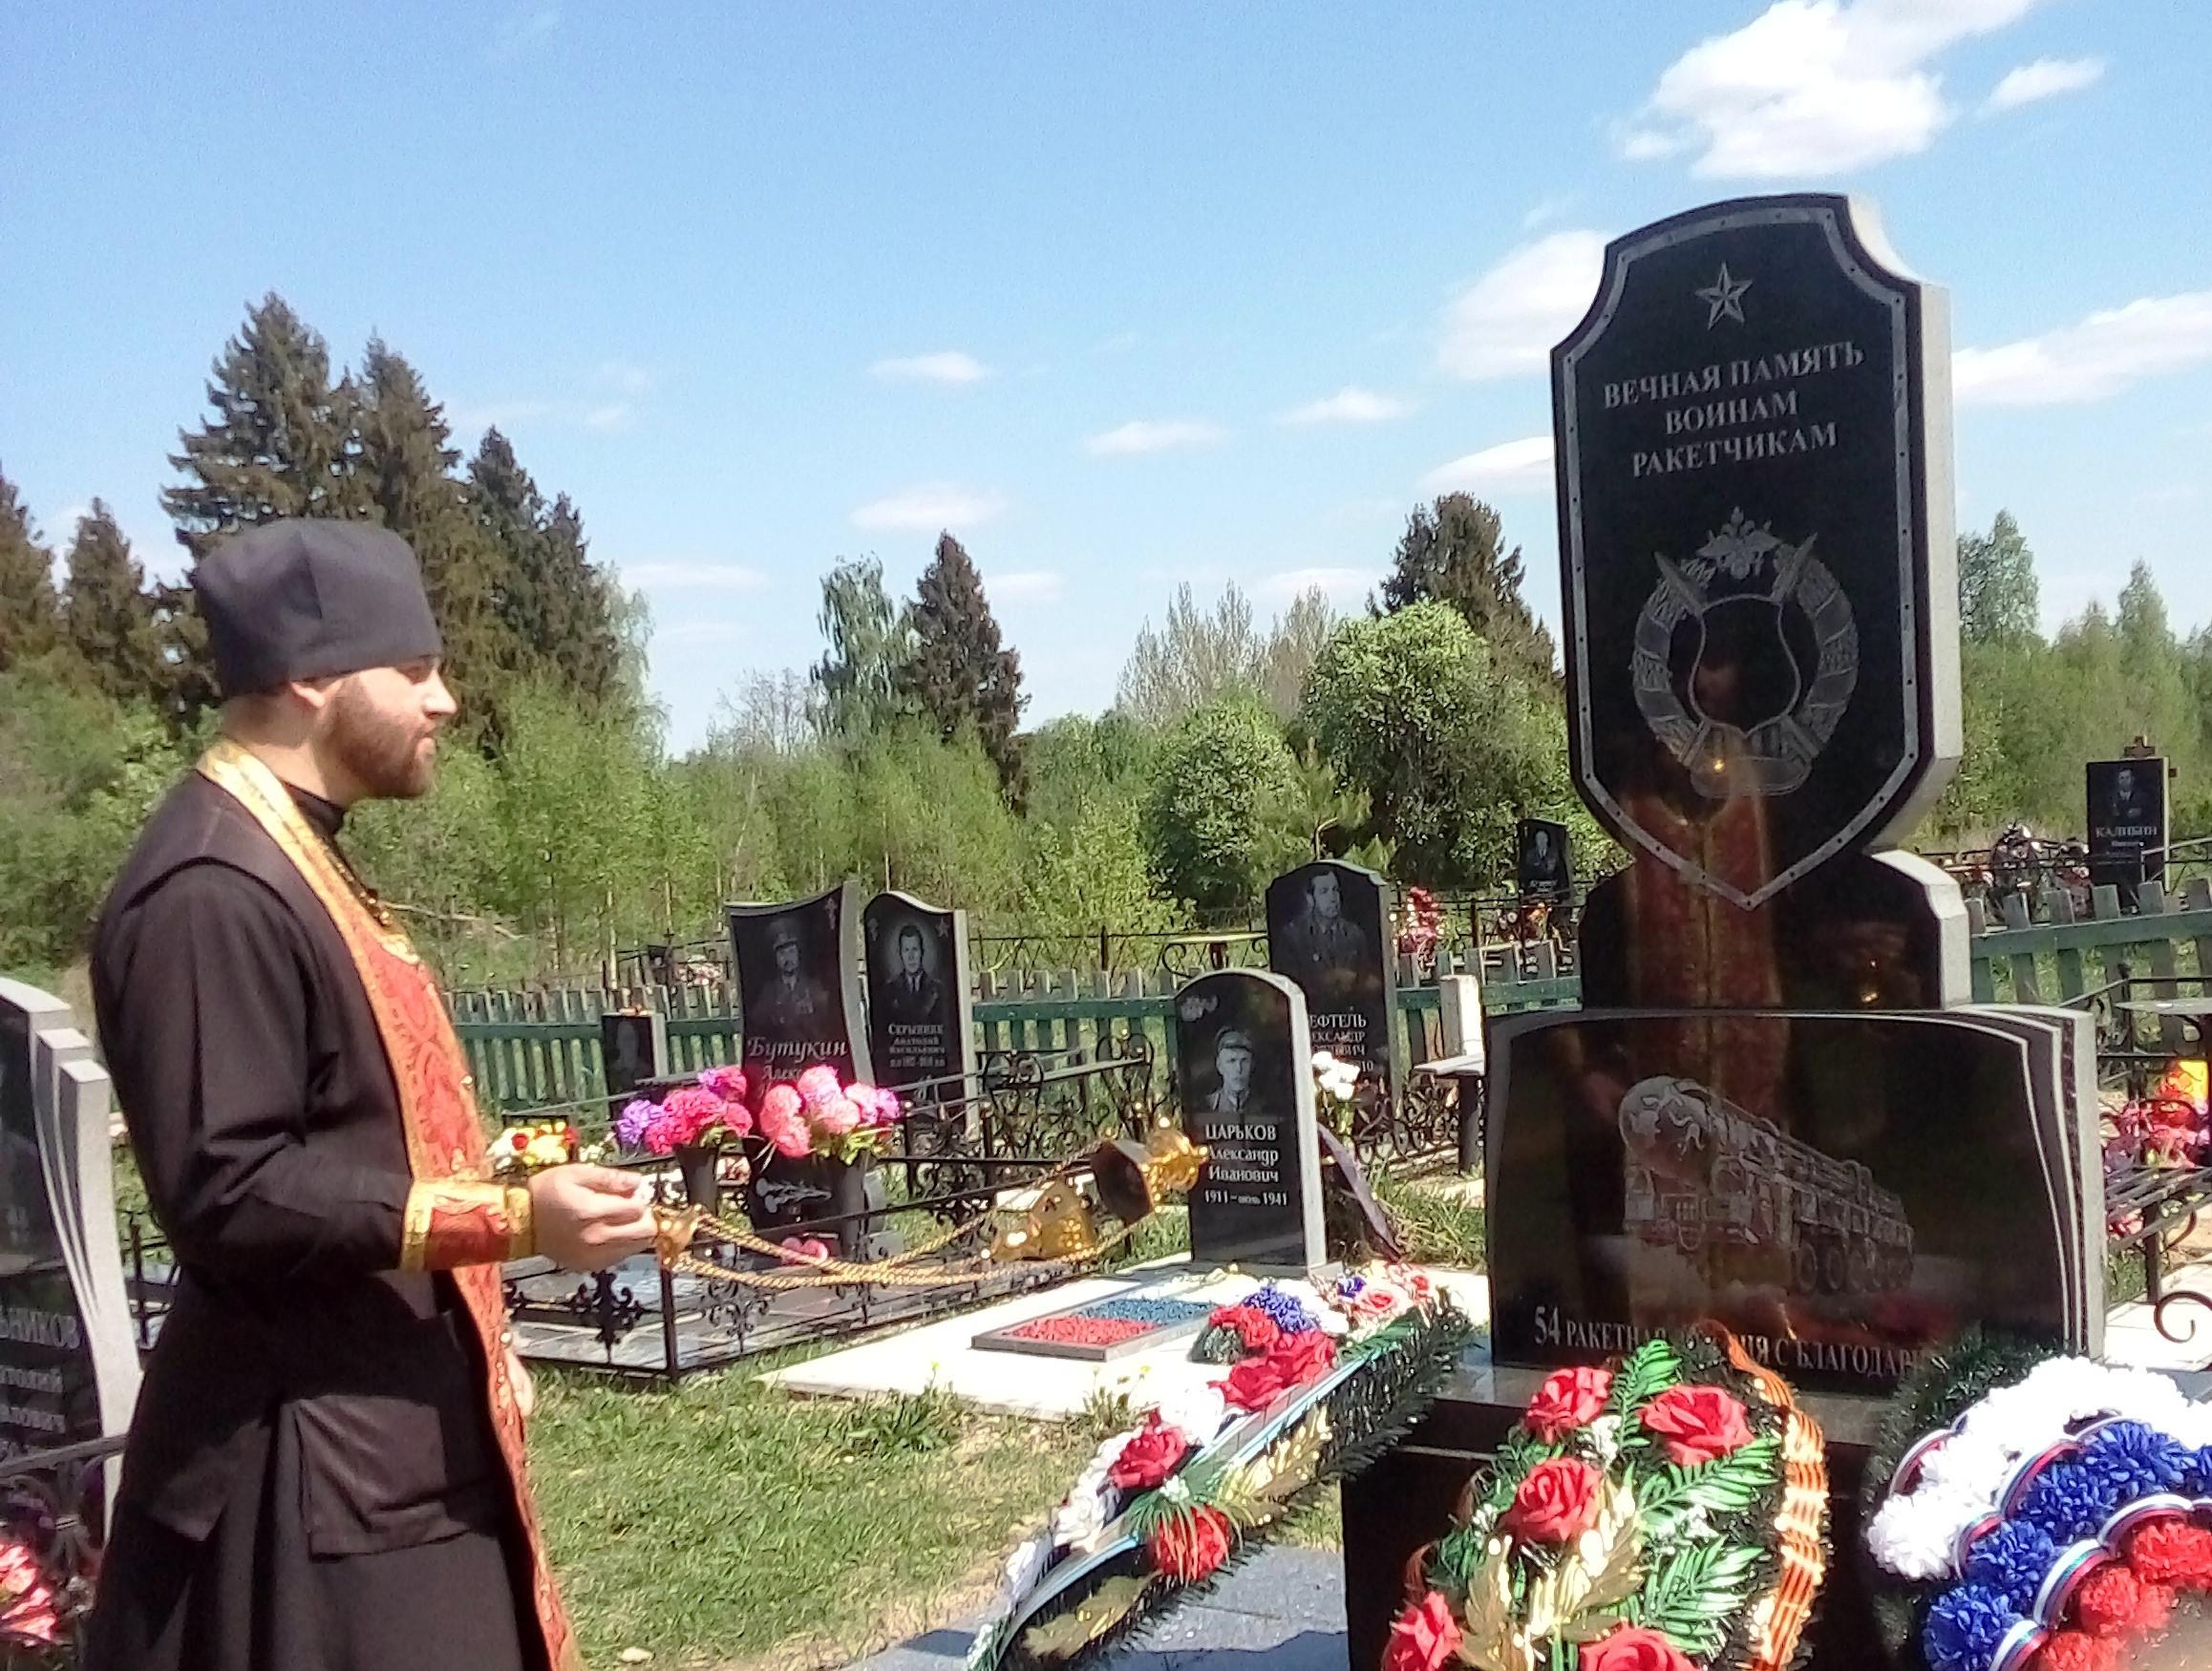 Памятник с крестом Тейково Мемориальный комплекс с барельефом в человеческий рост Западная Двина